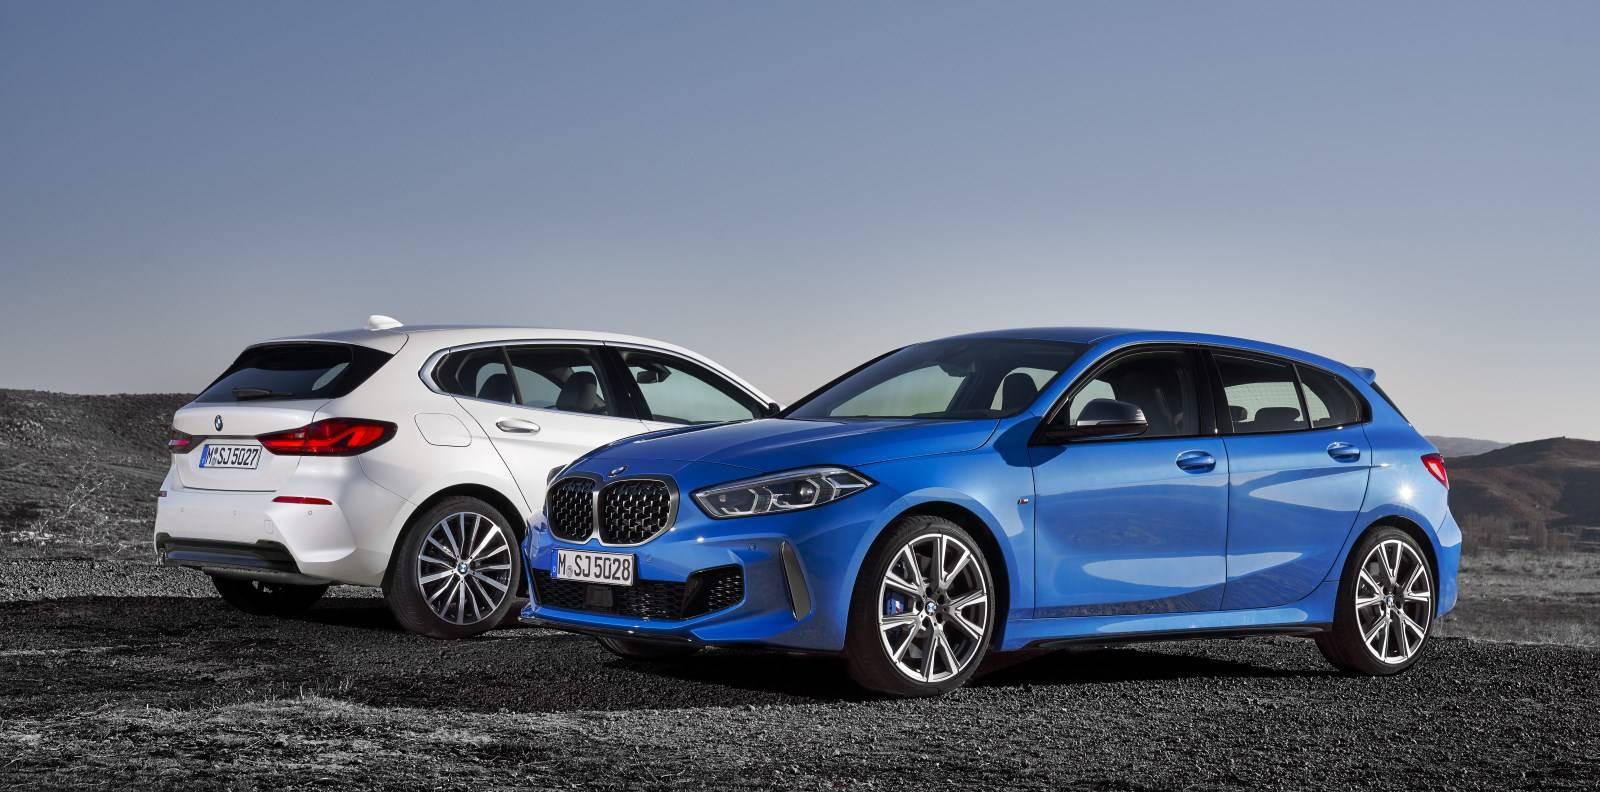 Новый BMW 1 серии F40 - больше, мощнее, динамичнее 1